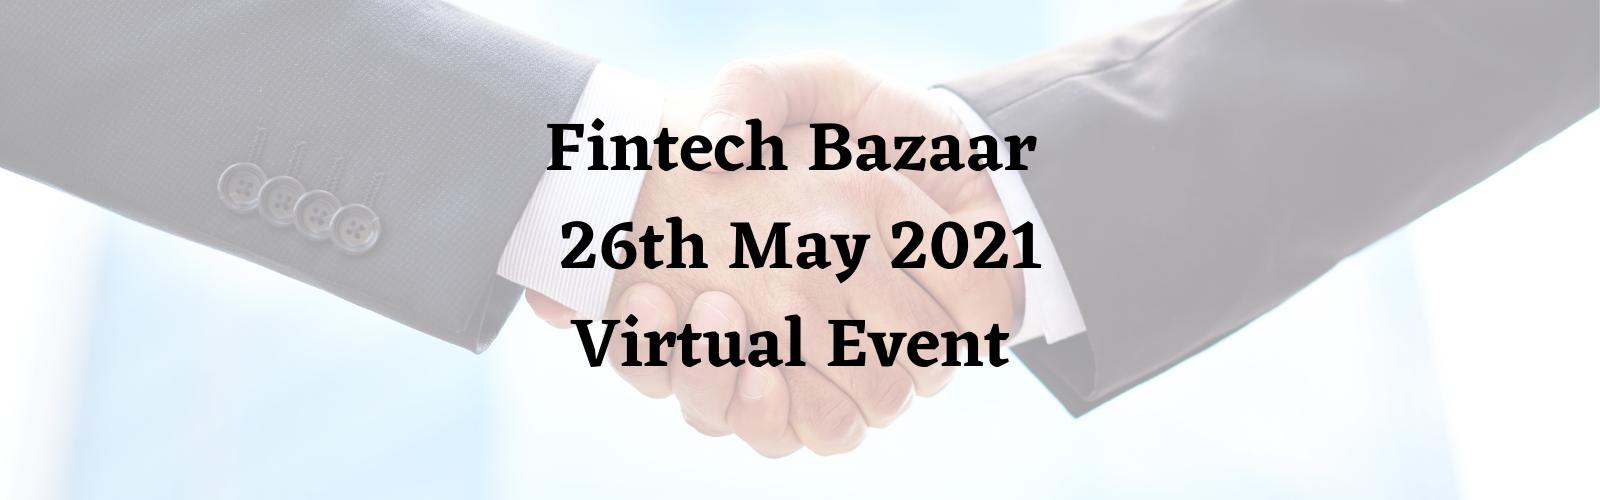 Fintech Bazaar slider